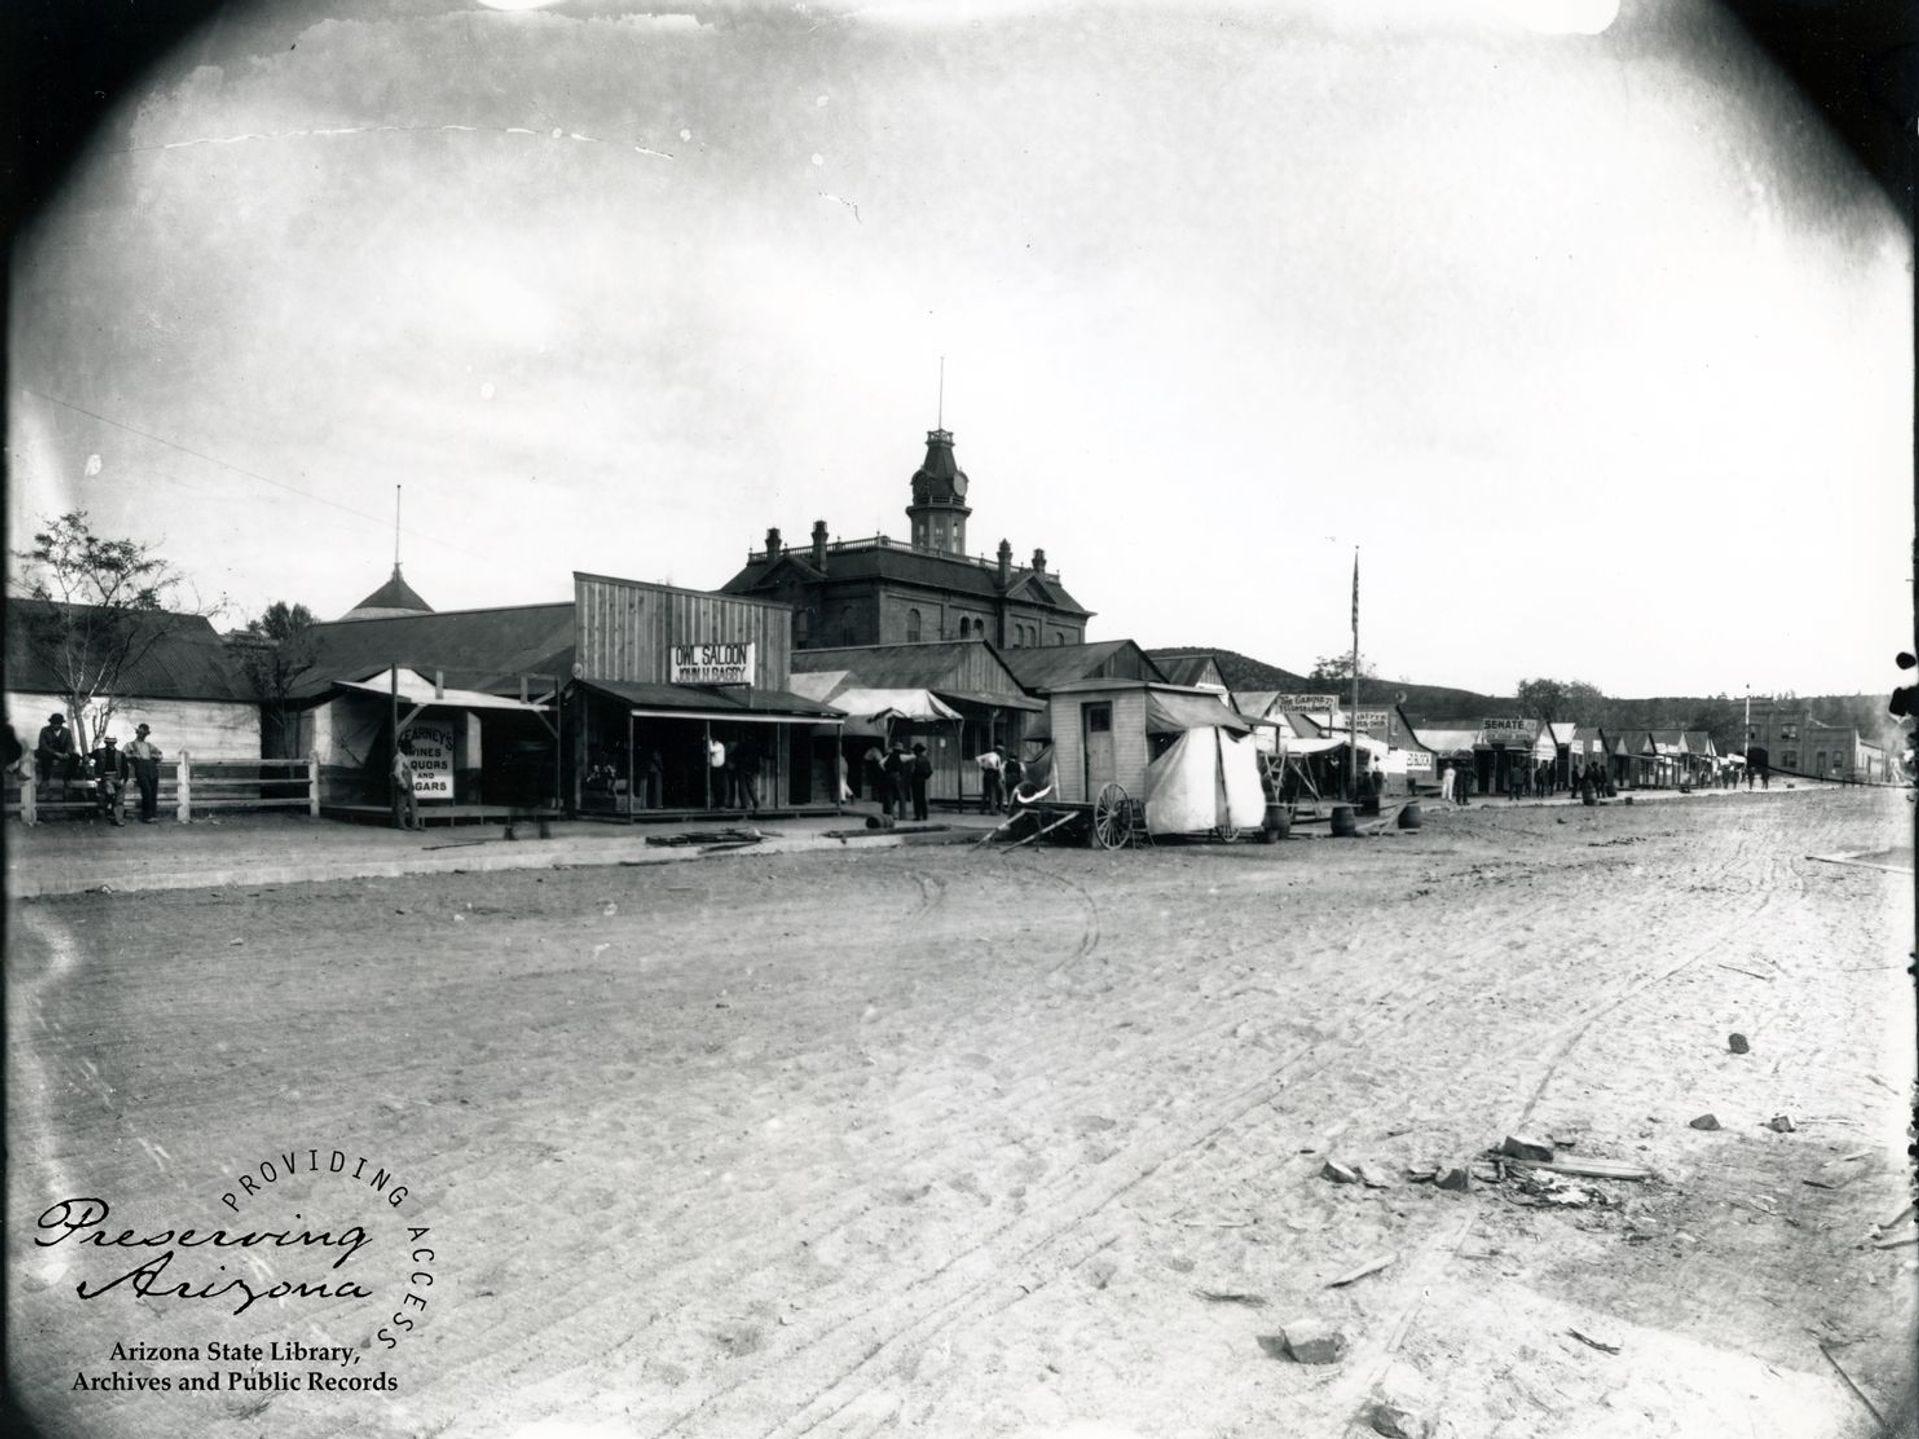 Después de un incendio en Prescott en 1900, los hombres de negocios utilizaron madera y lienzos para construir estructuras temporales a la sombra del palacio de justicia del condado.